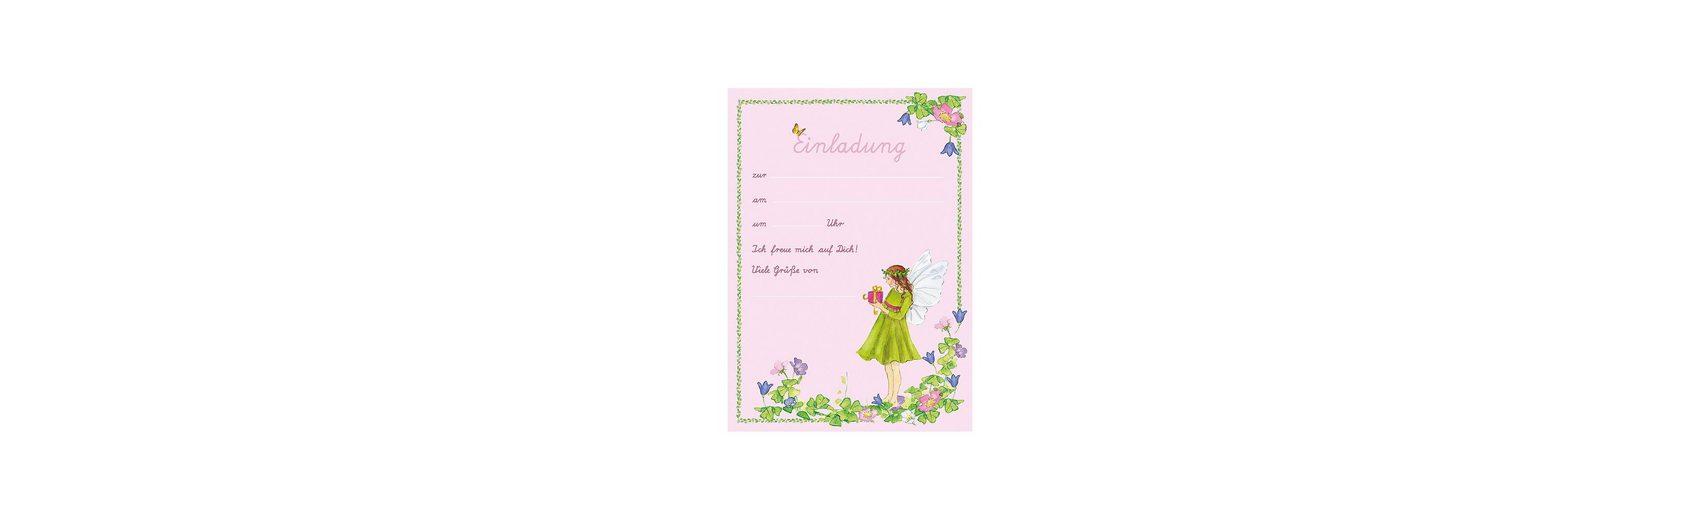 Grätz Verlag Einladungsbriefe im Set Flirr, A5, 8 Stück inkl. Umschläge